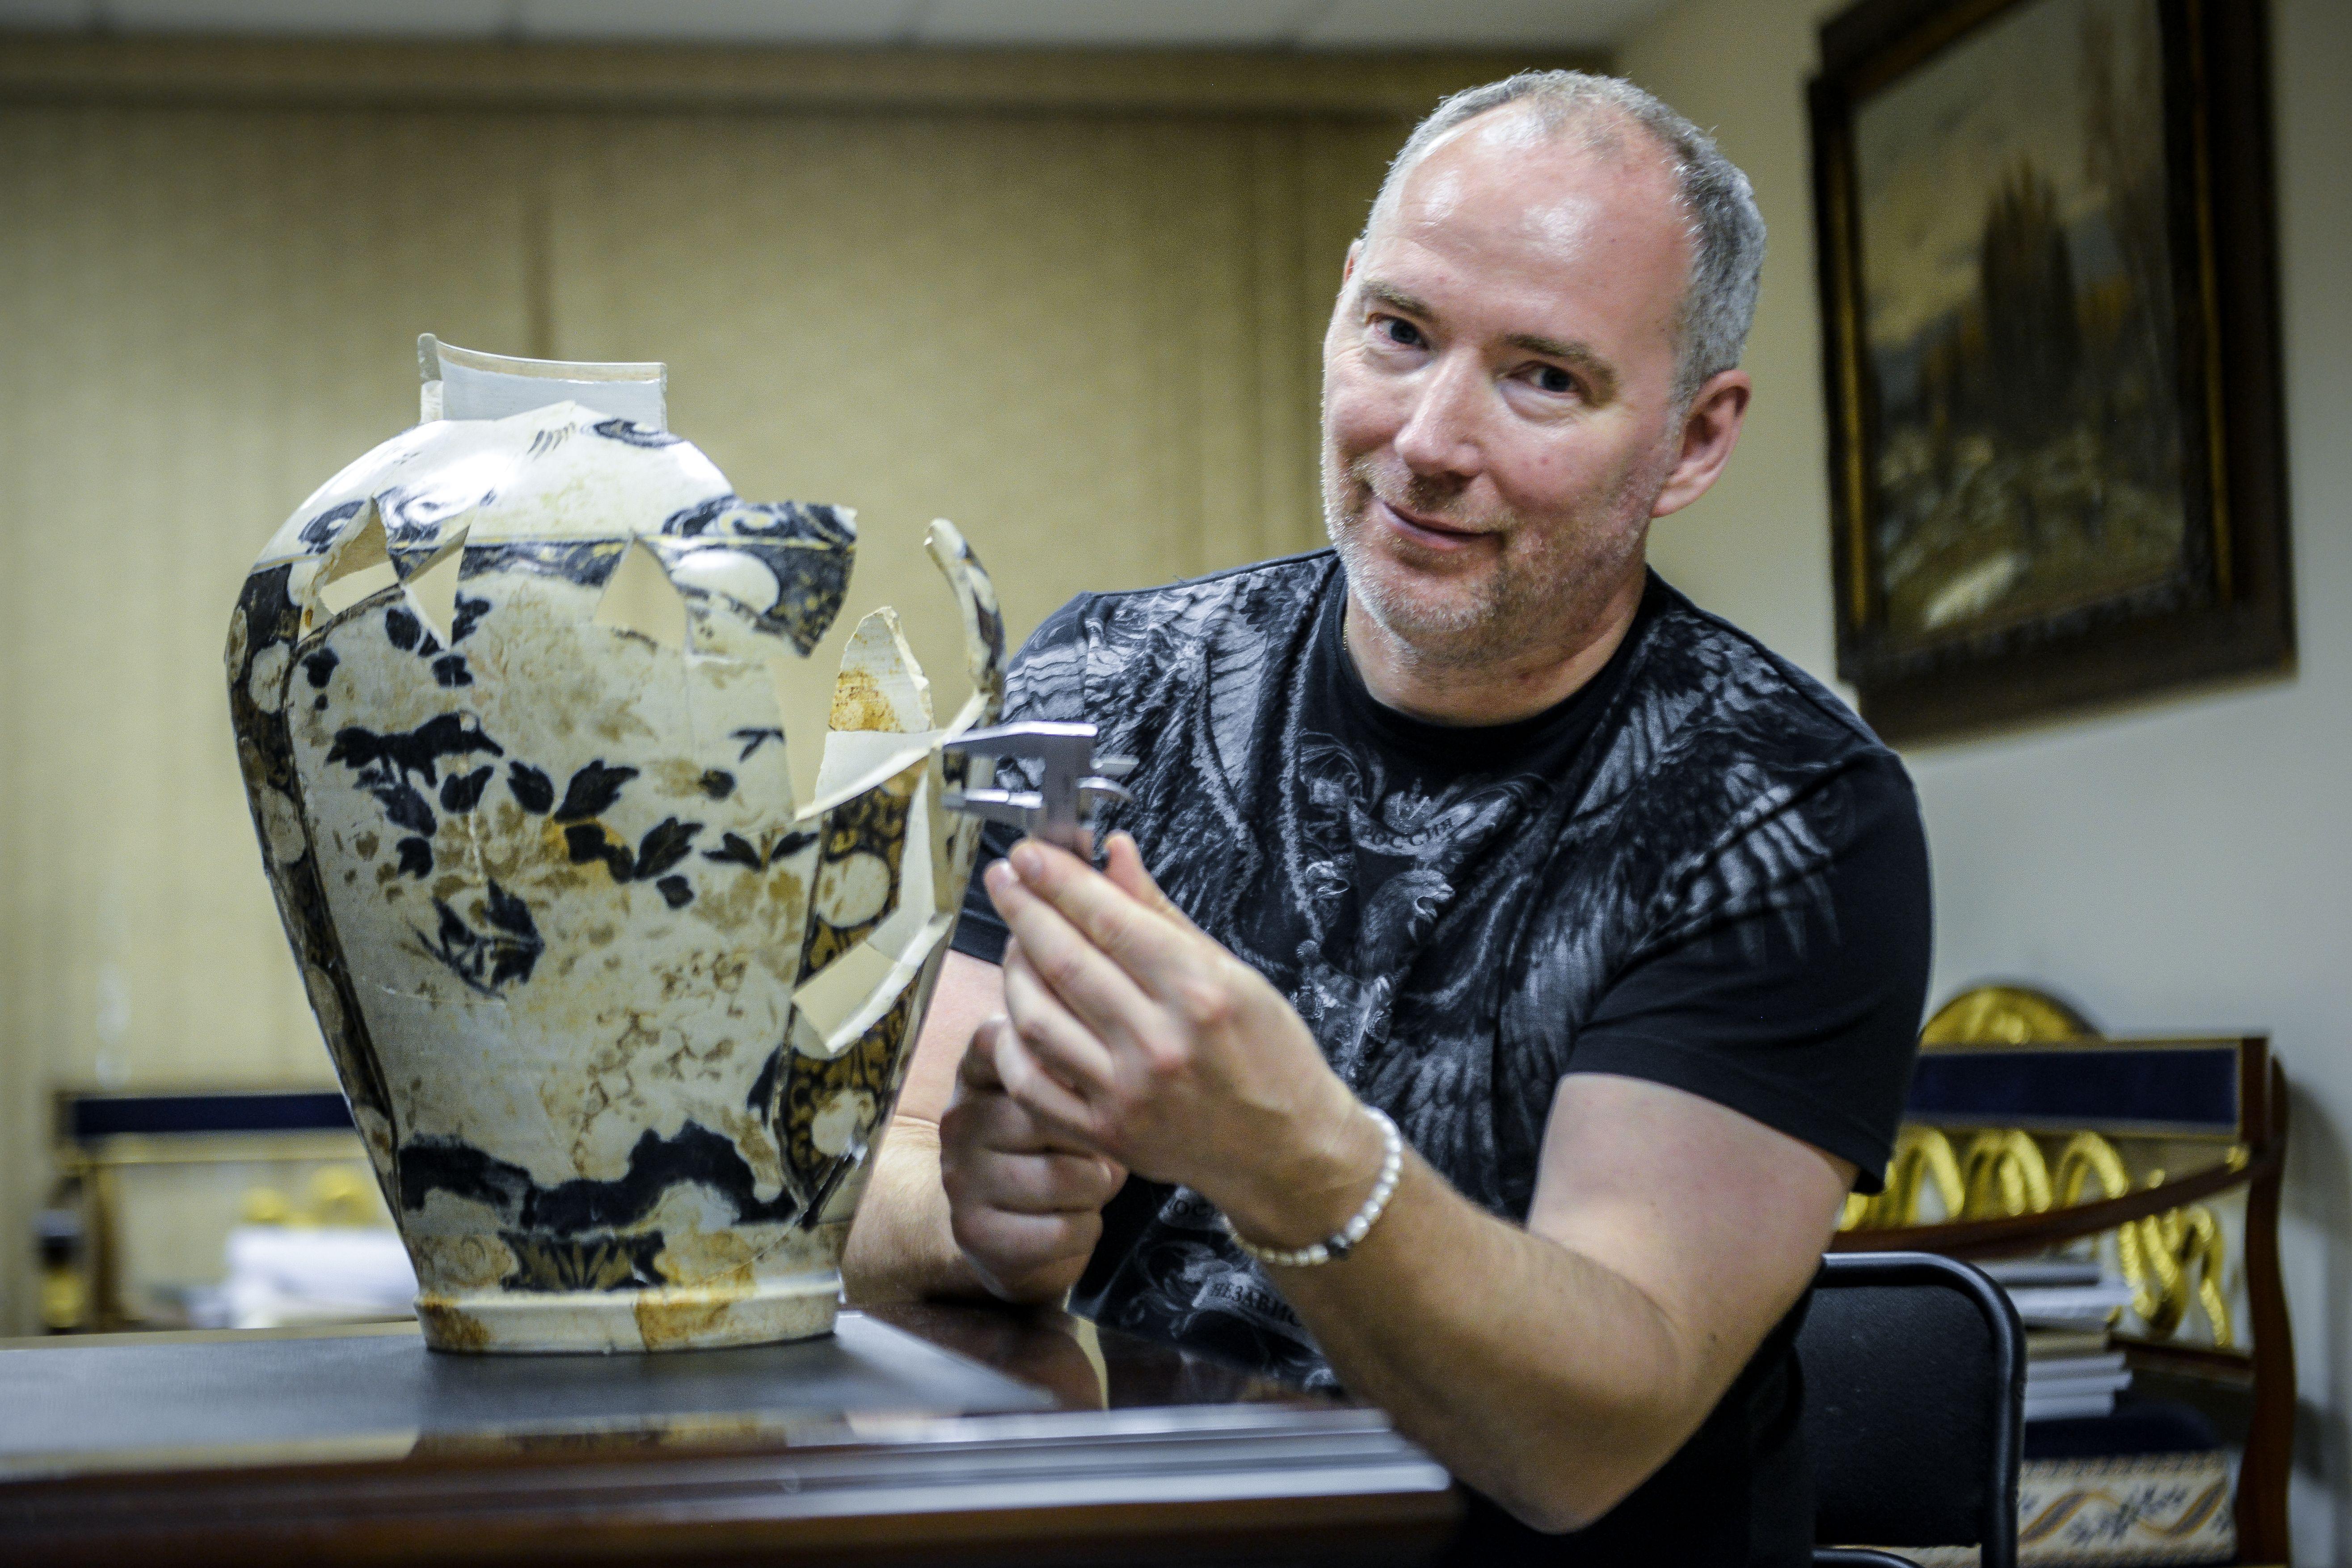 Археологи Москвы отреставрировали более 200 находок с территории Пушкинского музея и «Зарядья»